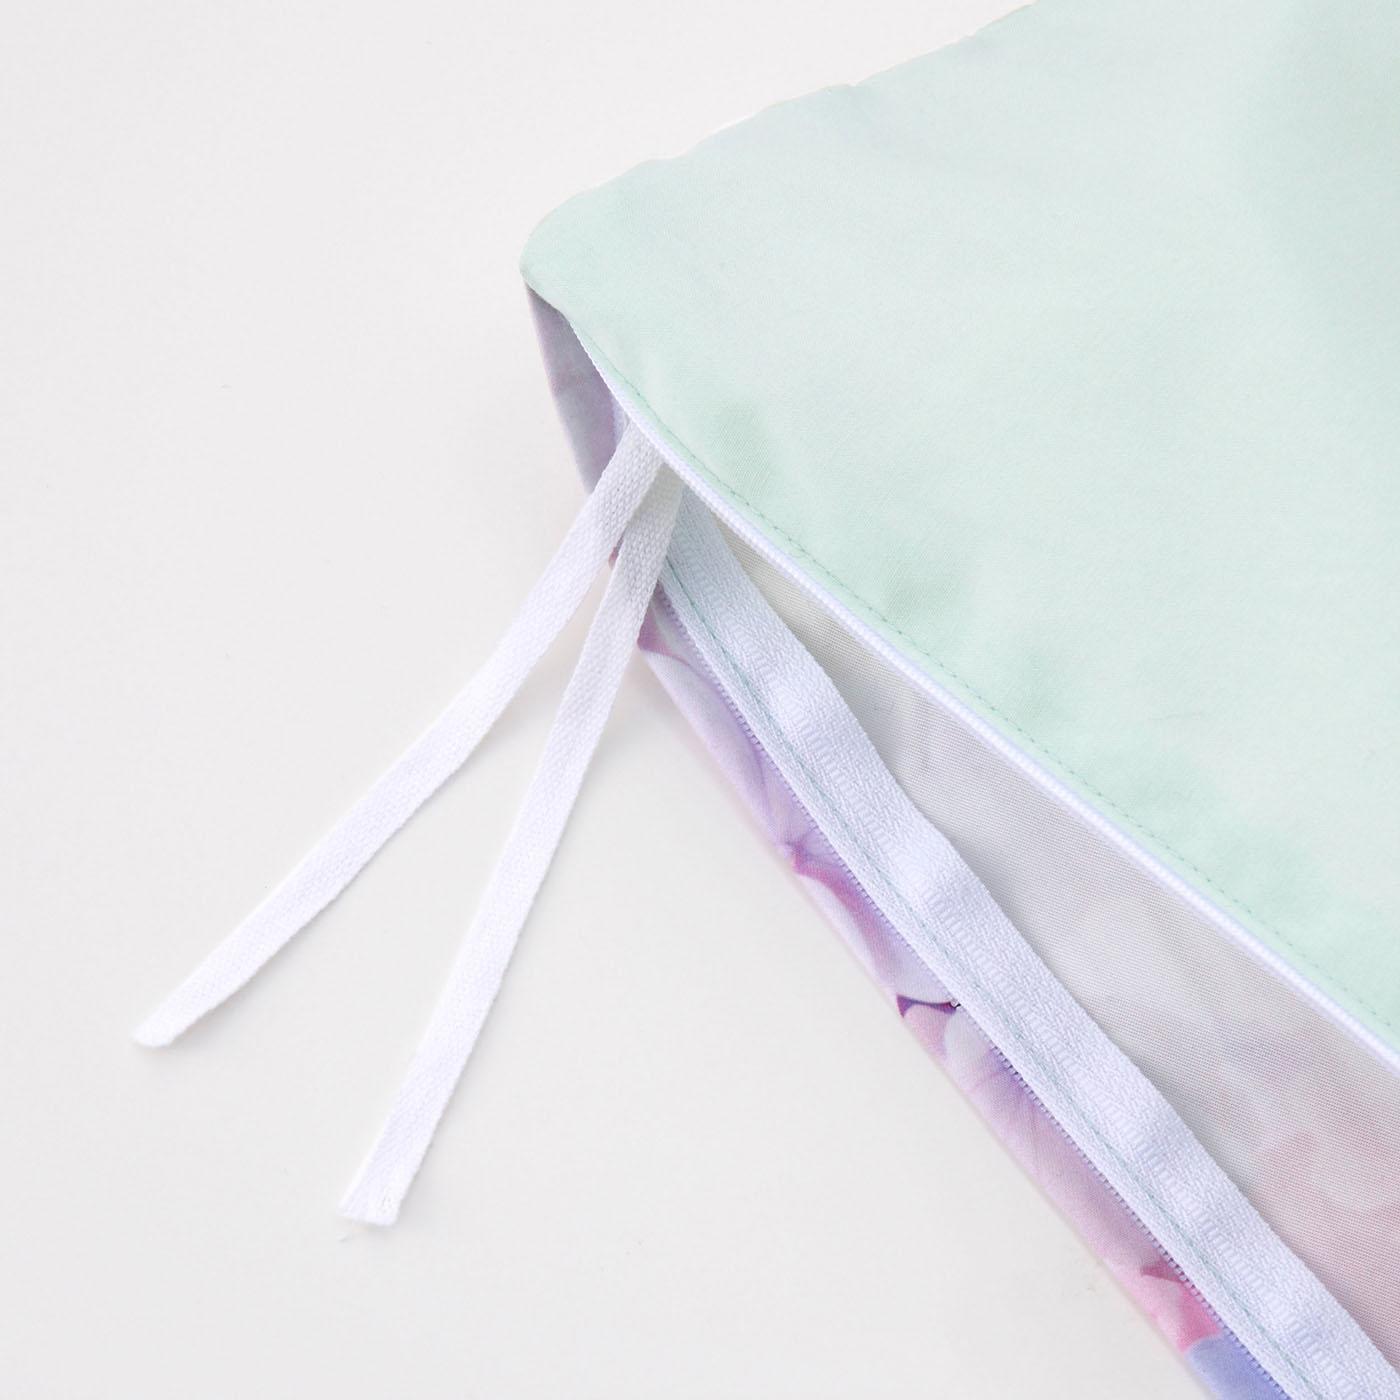 内側に布団を固定するひもがあります。